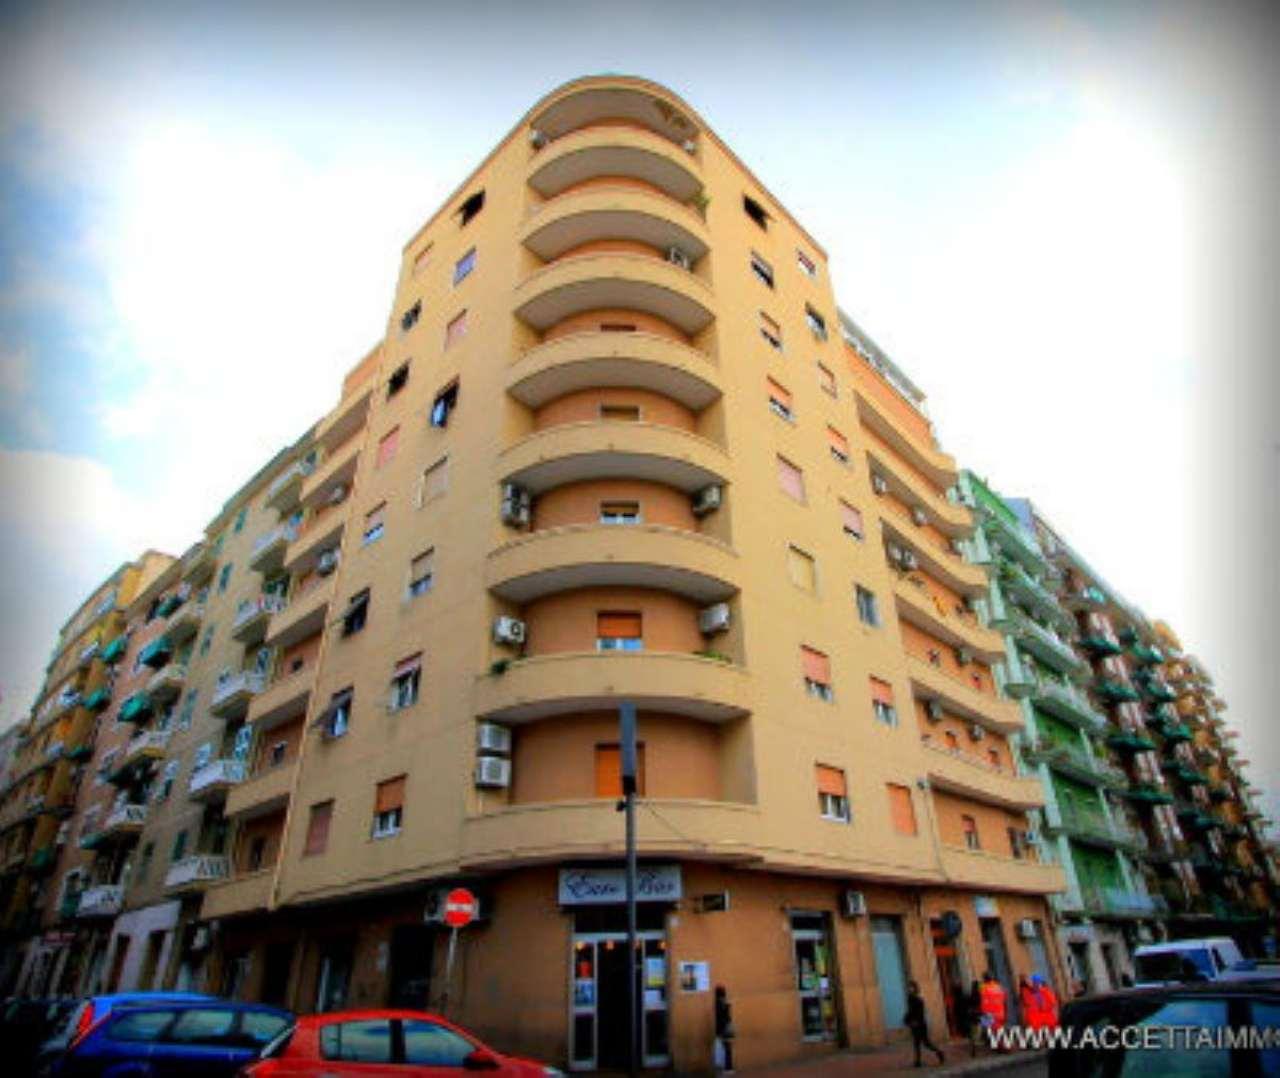 Appartamento in vendita a Taranto, 3 locali, prezzo € 89.000 | Cambio Casa.it